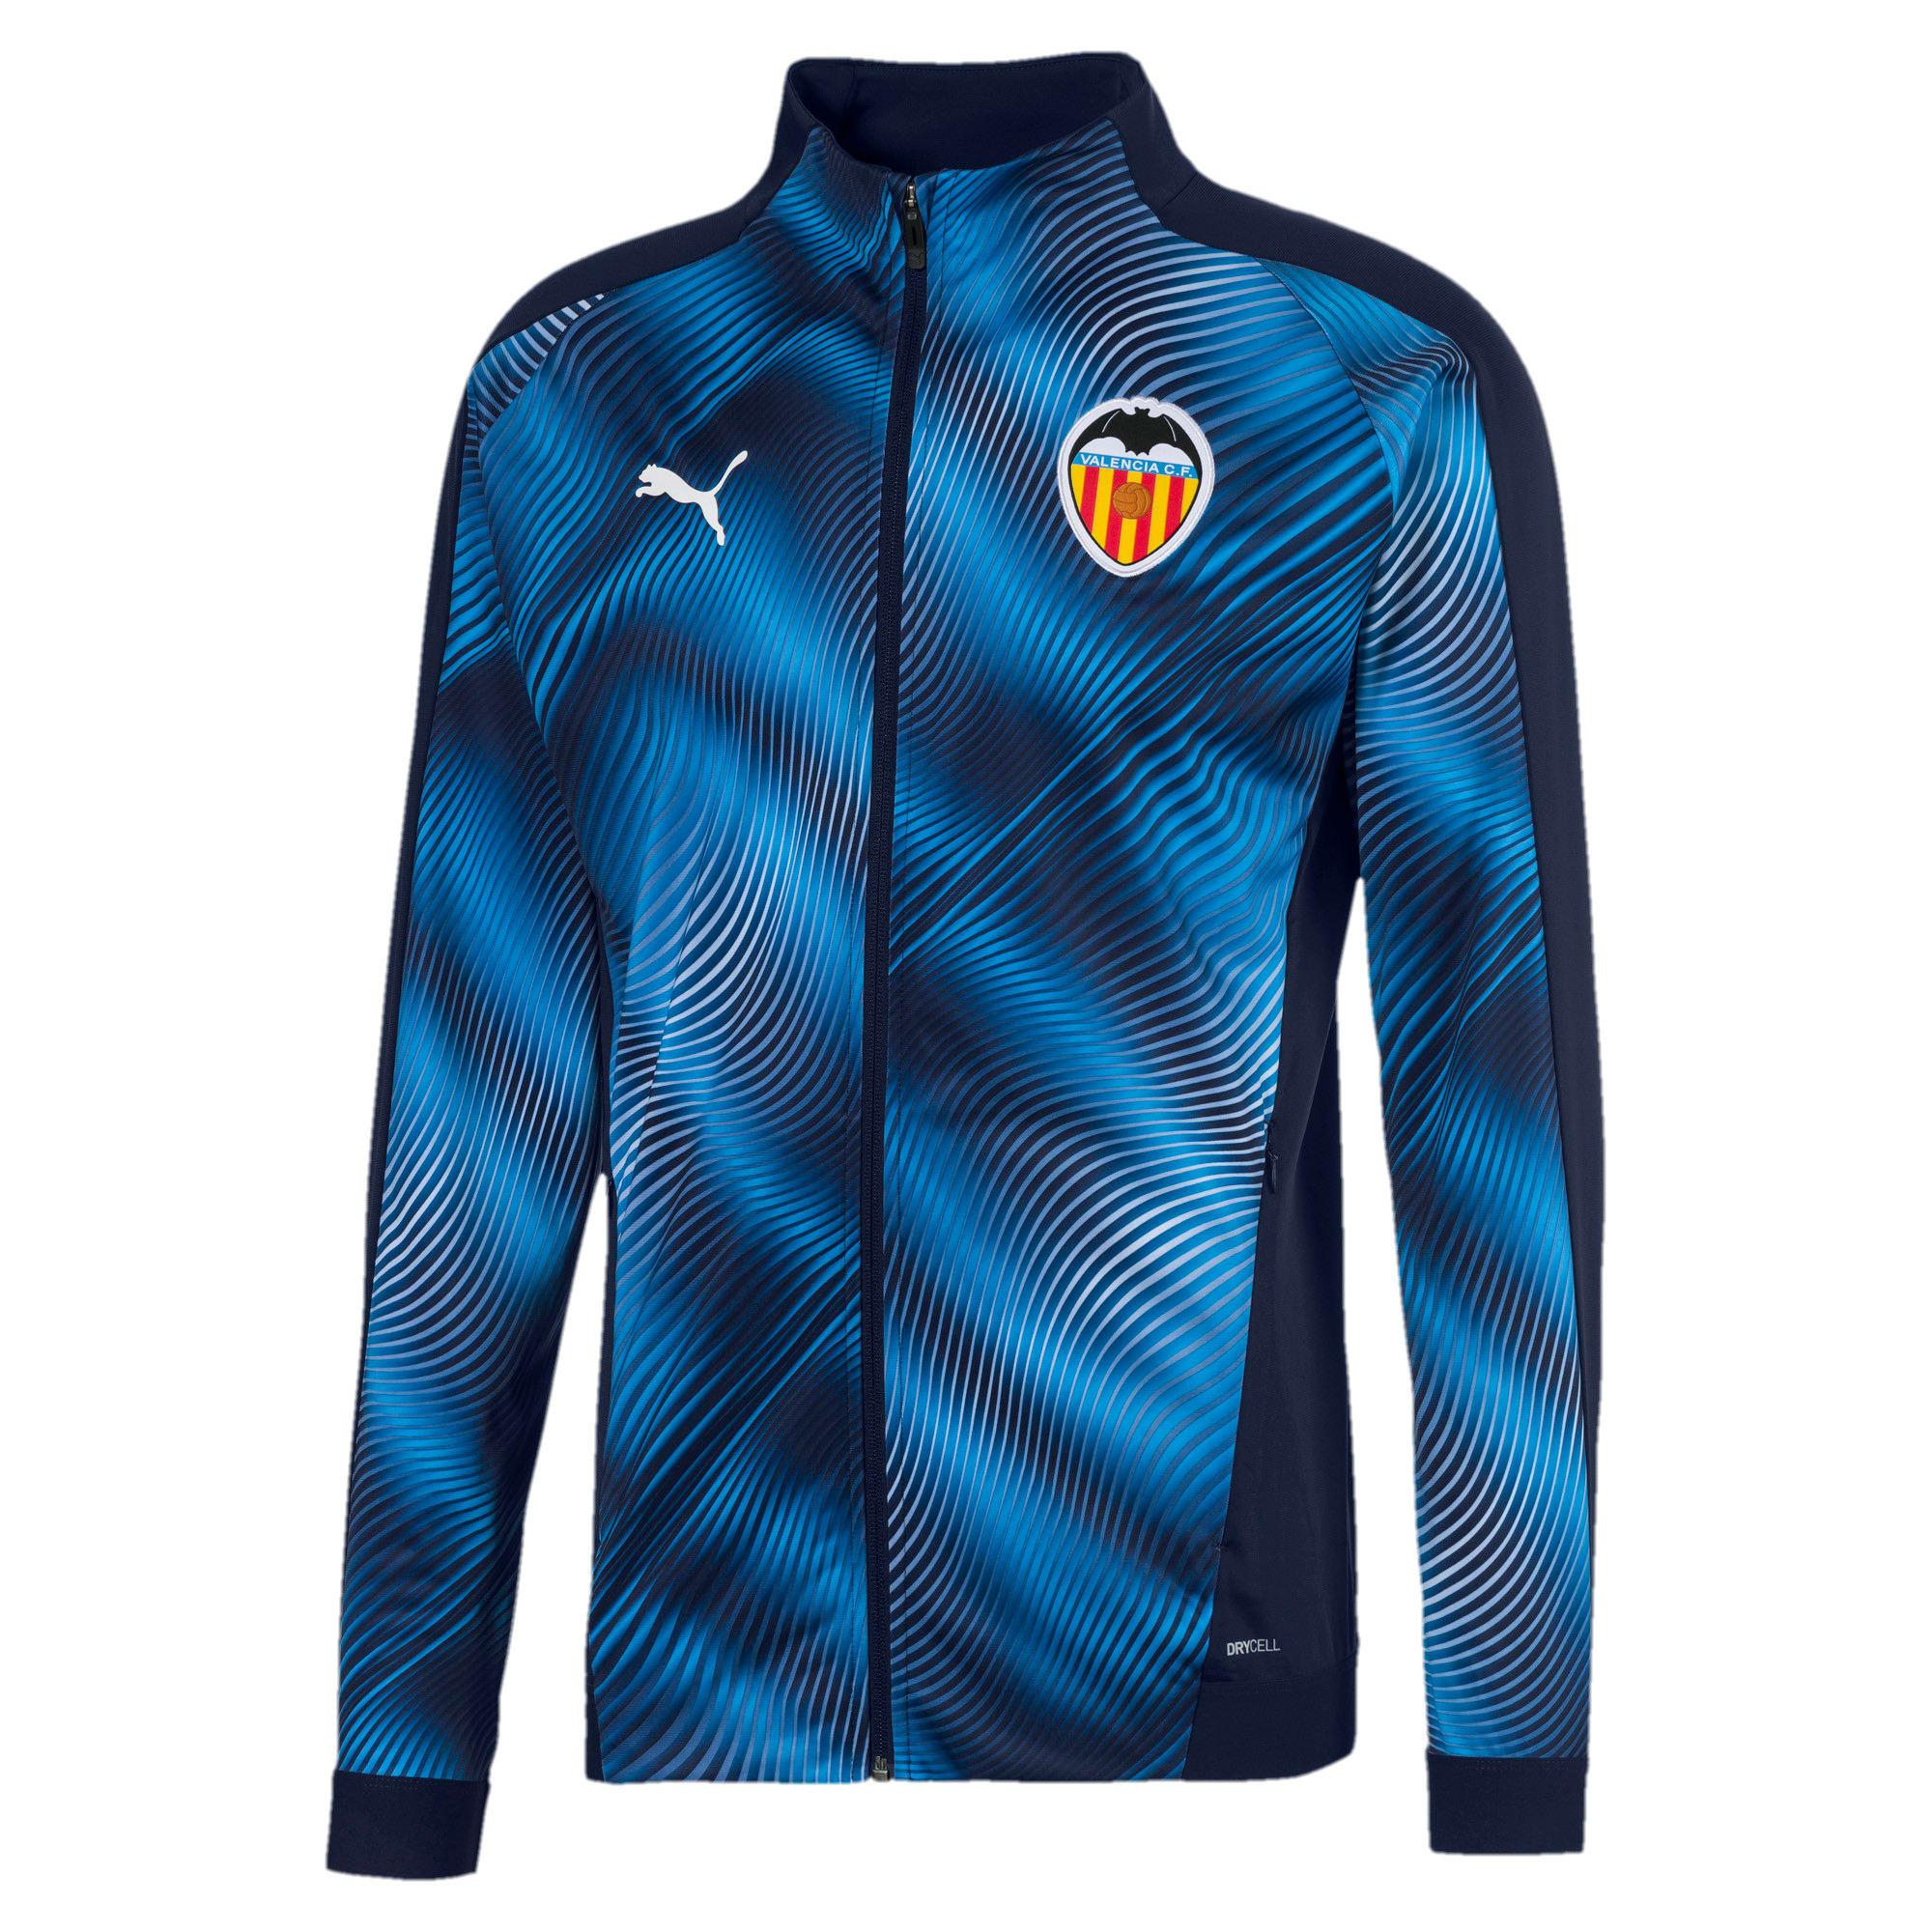 Imagen en miniatura 1 de Chaqueta de hombre Stadium Valencia CF, Peacoat-Vibrant Orange, mediana